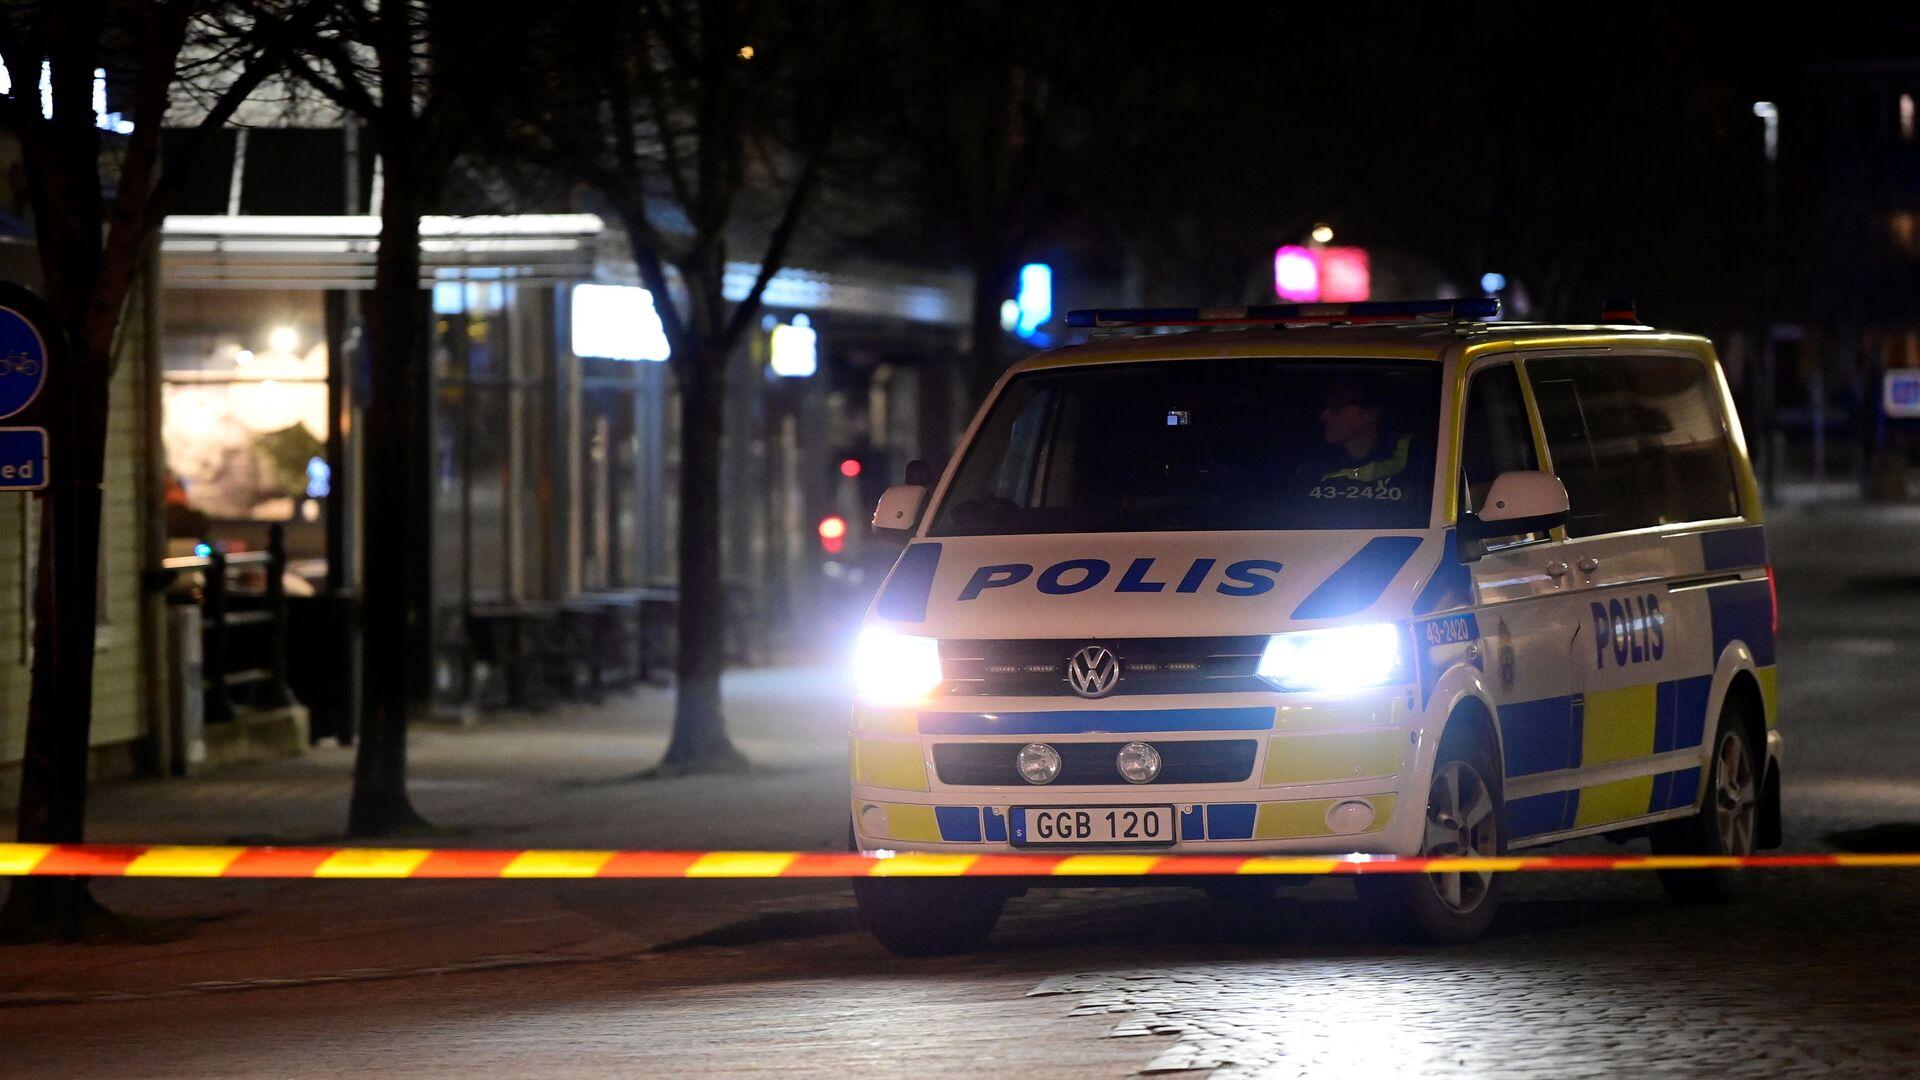 Police work at a knife attack site in Vetlanda, Sweden March 3, 2021. - Sputnik International, 1920, 23.09.2021